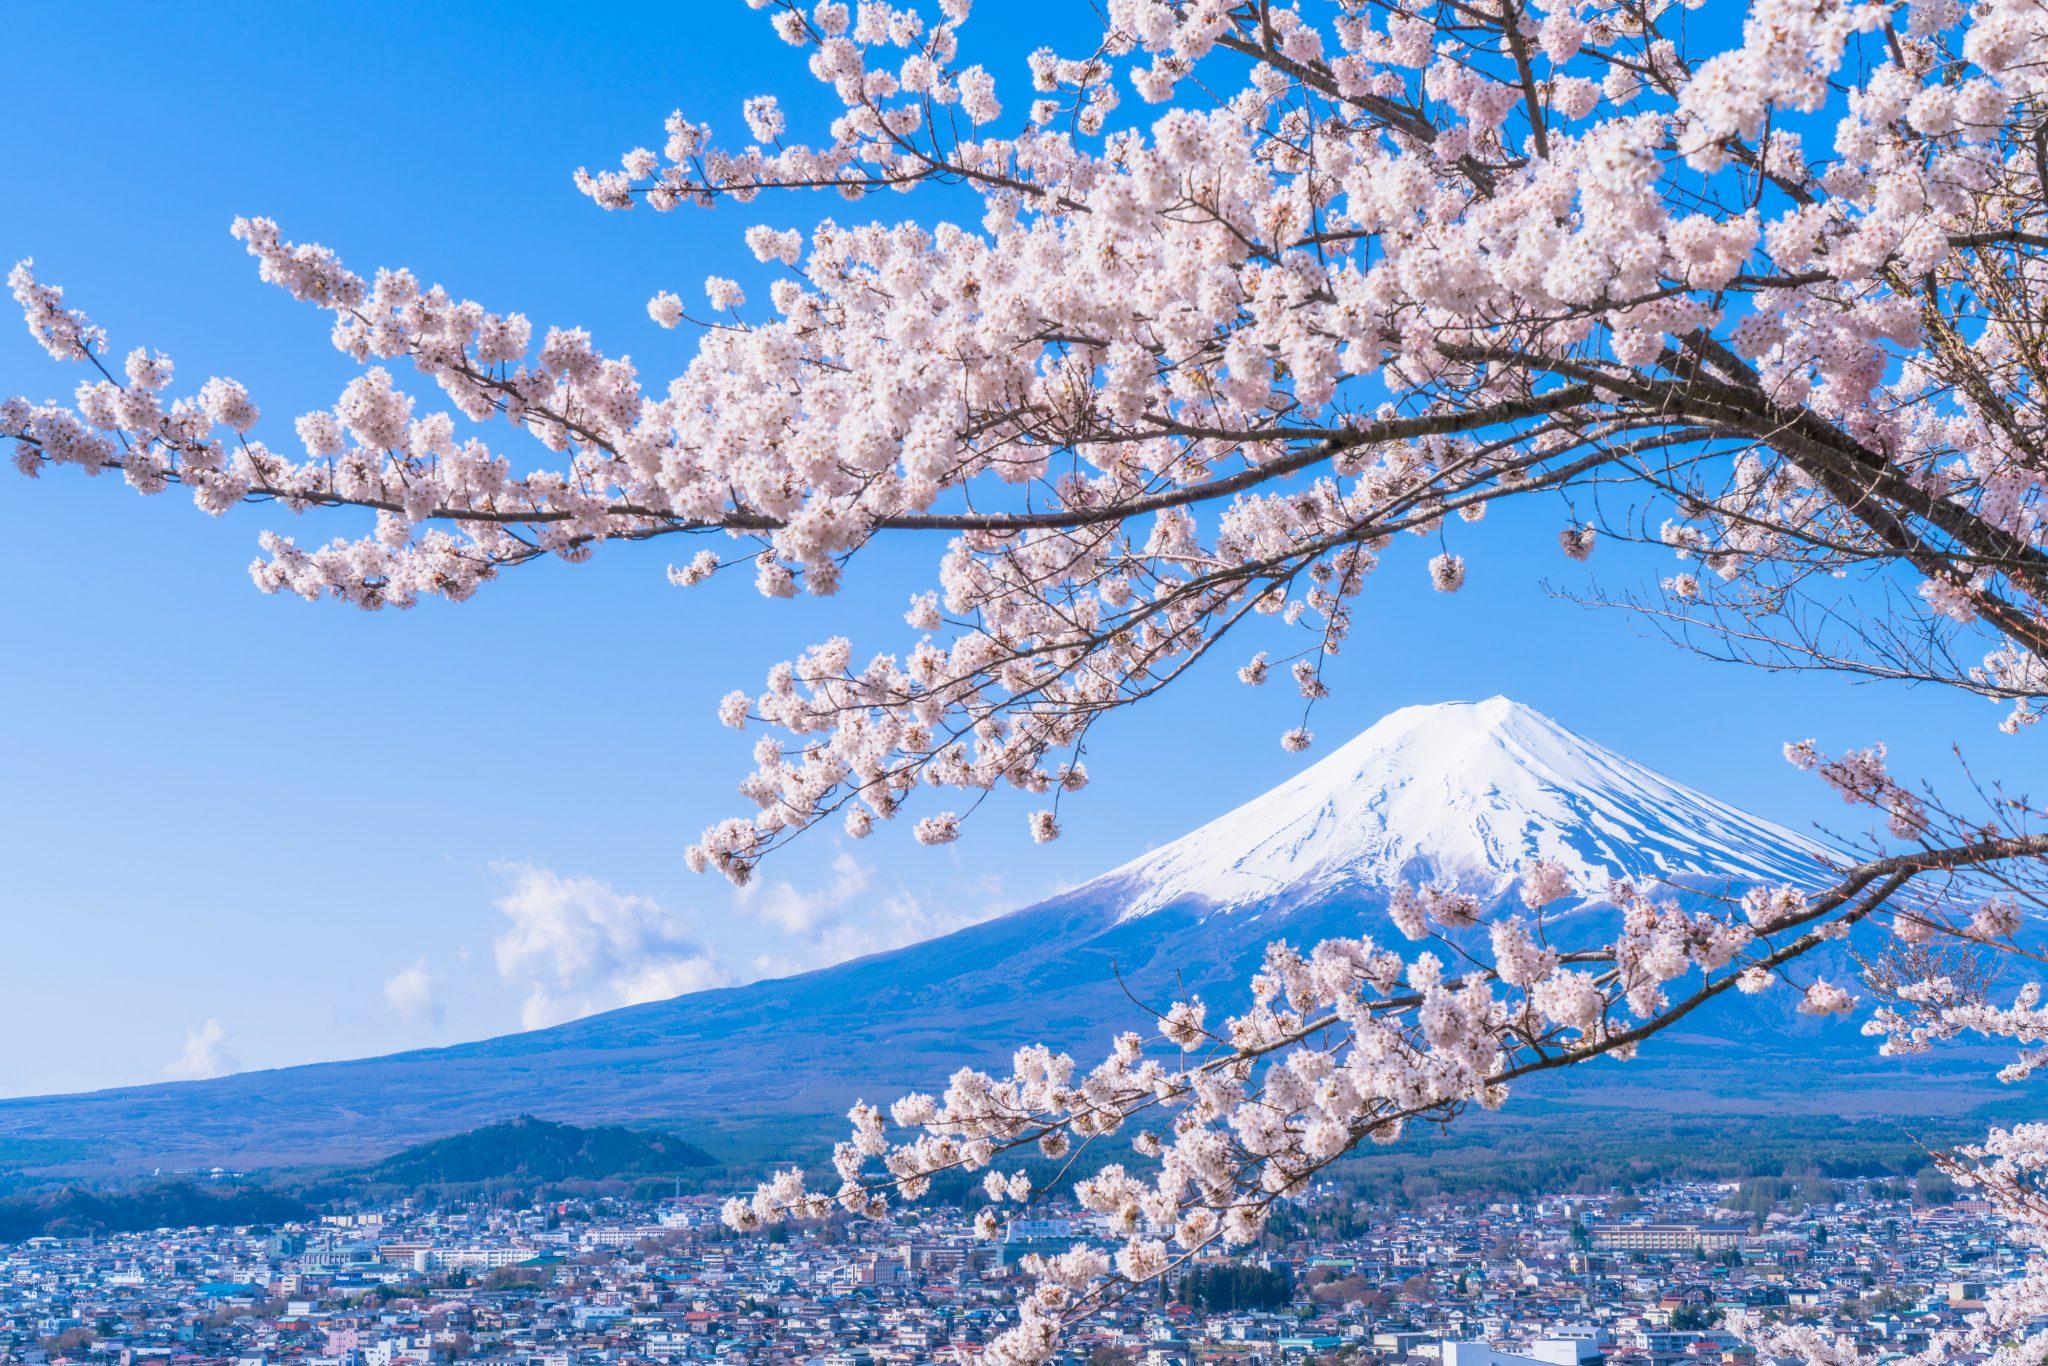 さくらの日(桜の日)とはいつ?意味や由来は?イベントや記念日 ...